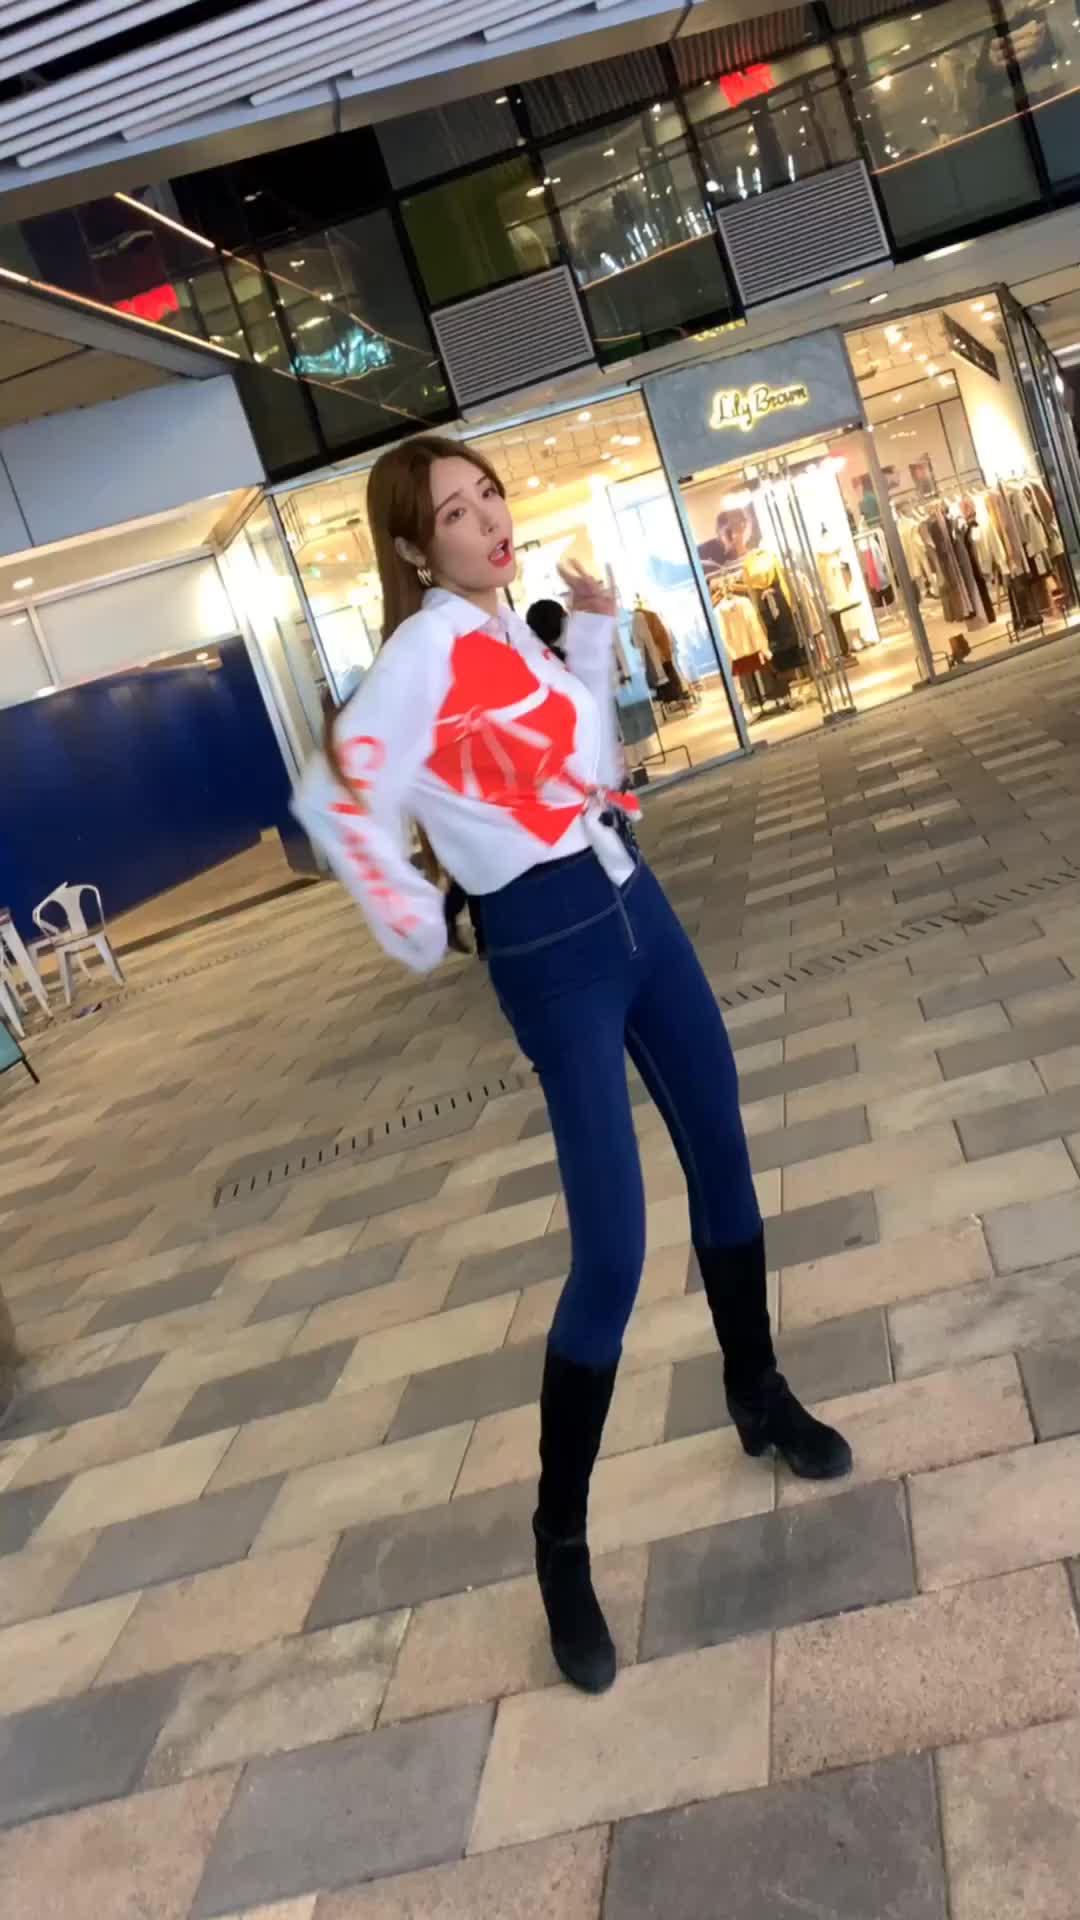 街头摄影三里屯偶遇网红小姐姐跳舞